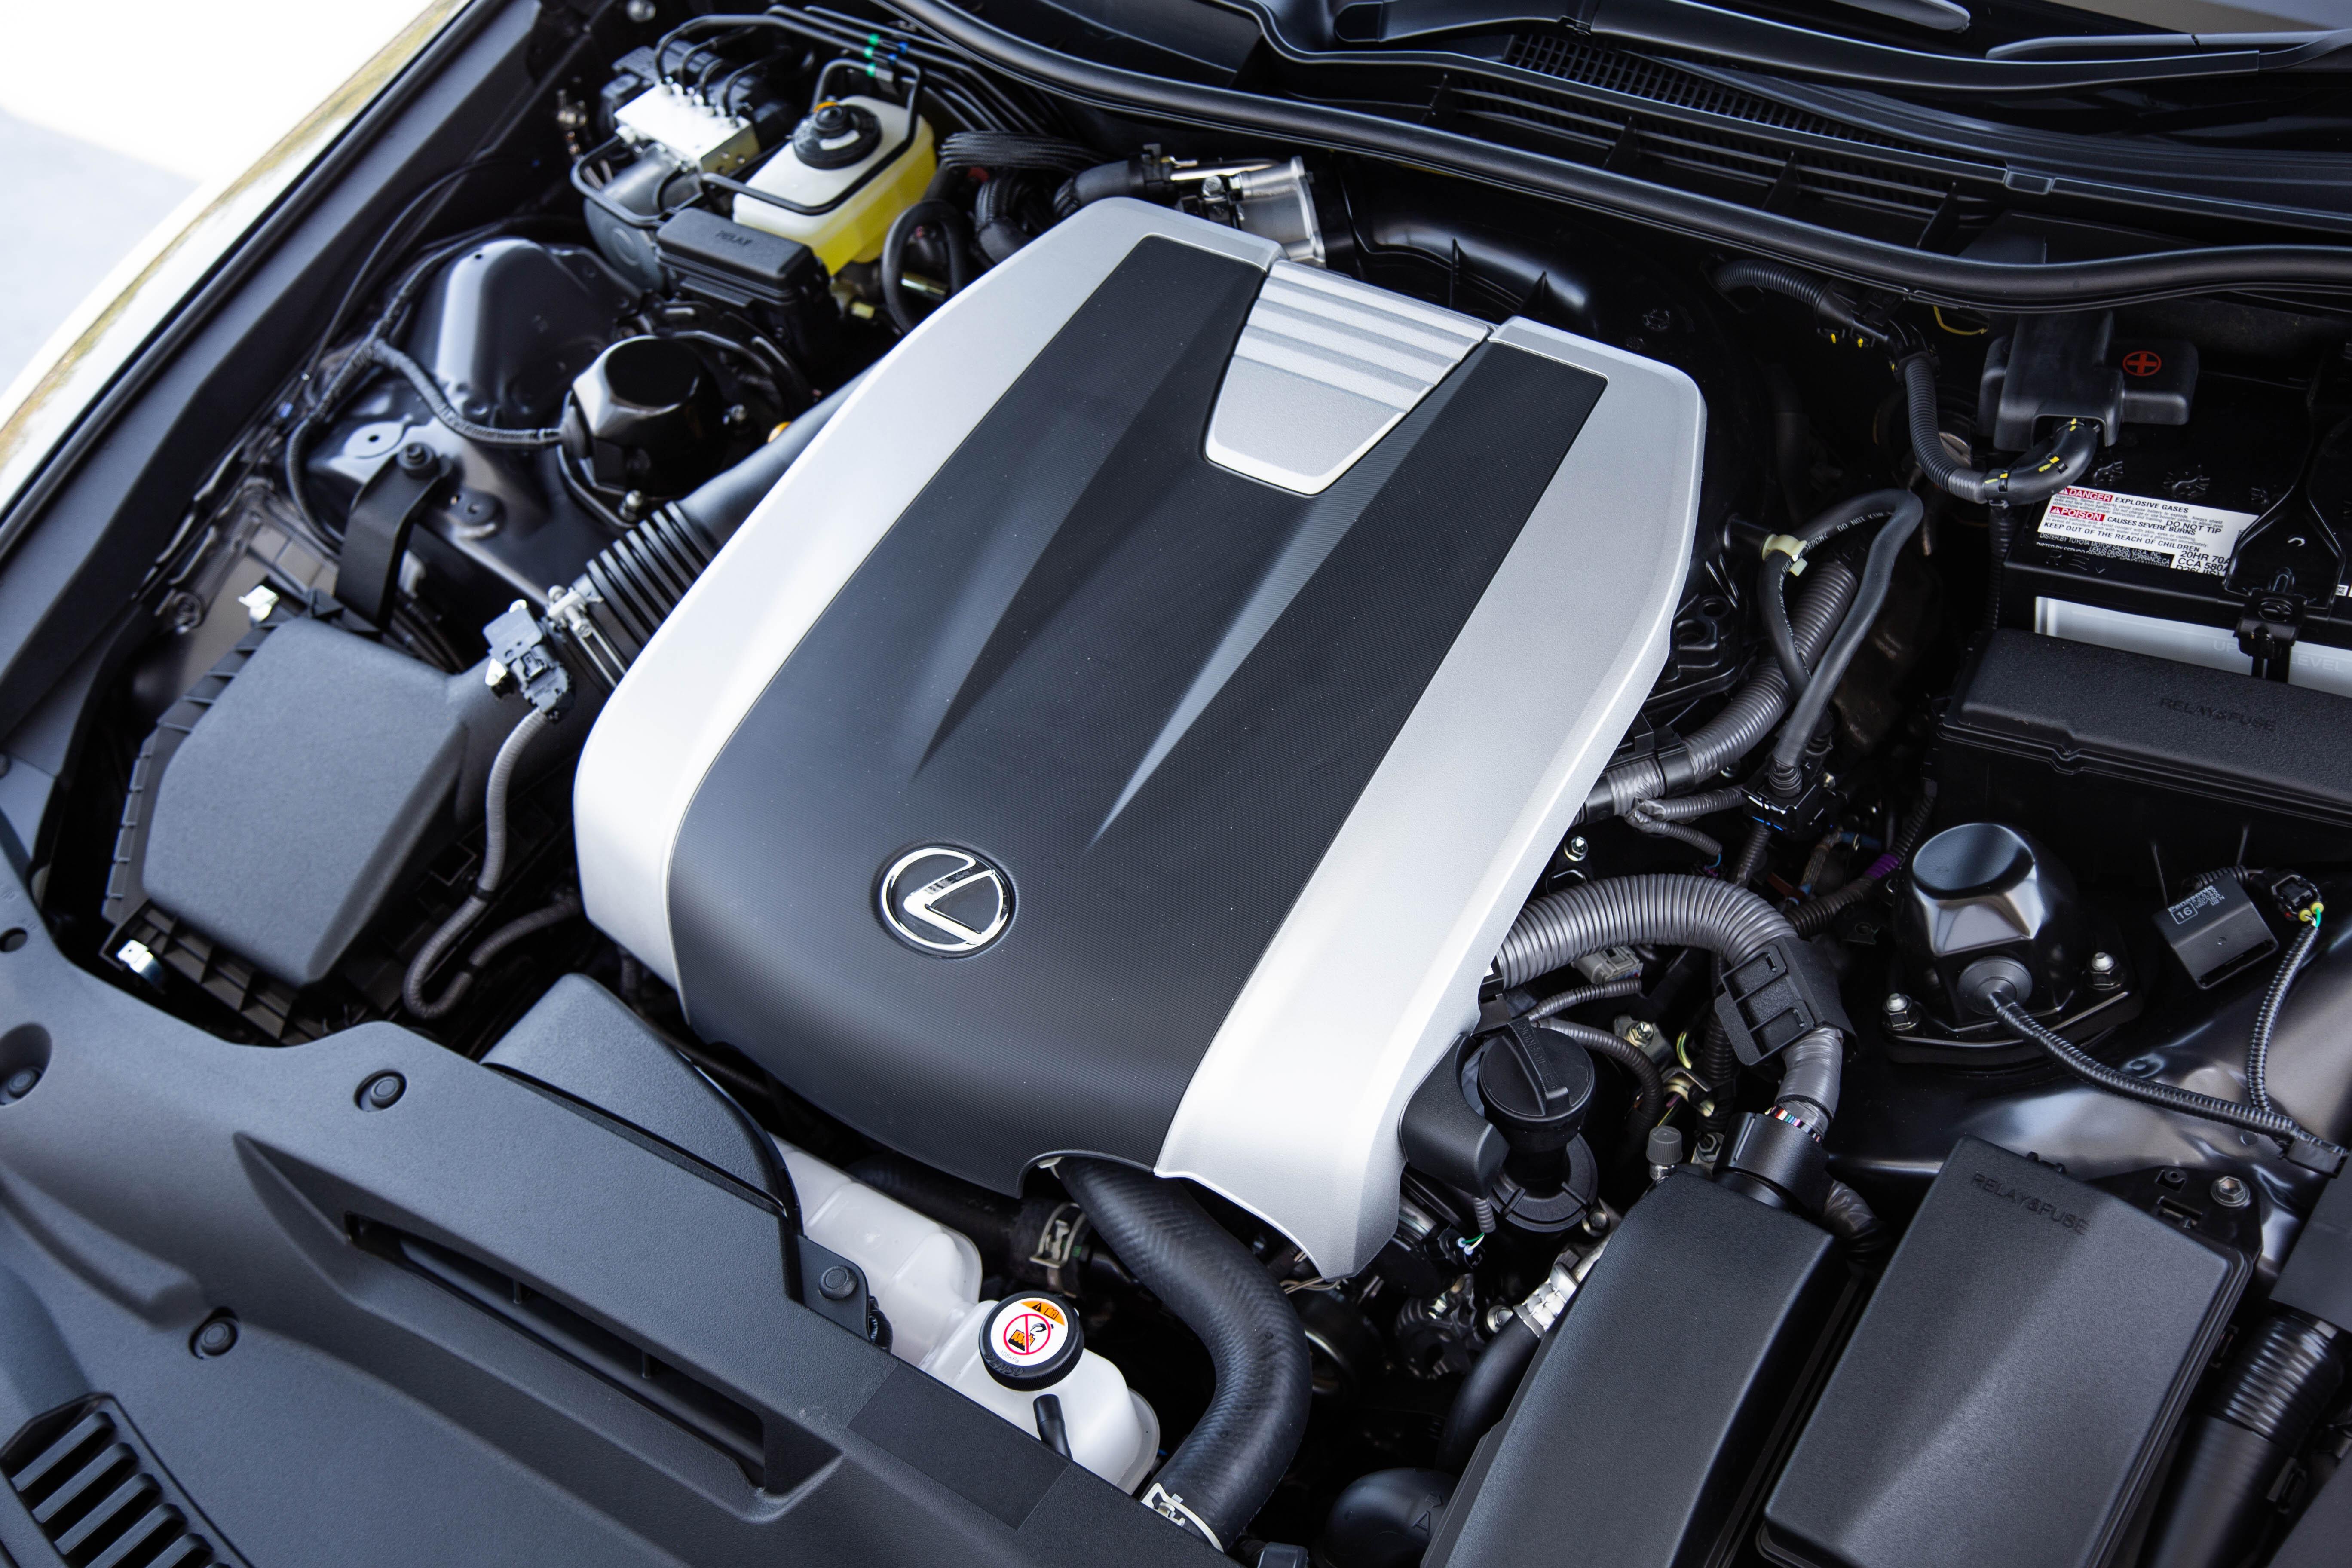 Motor Reviews IMG 0852